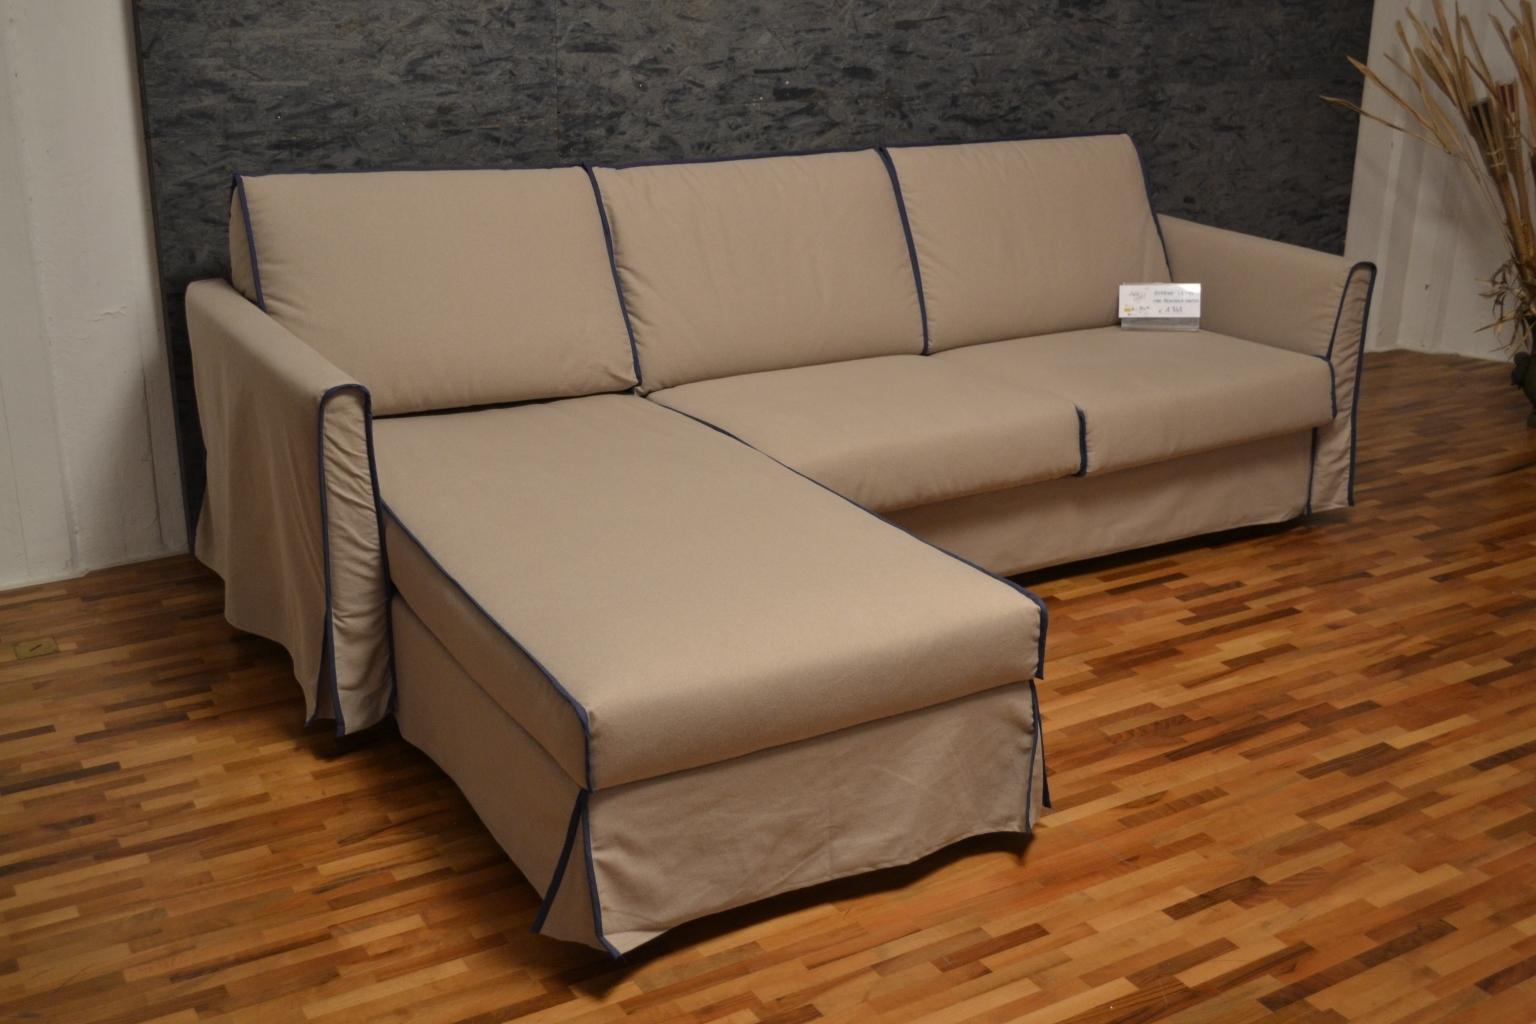 Divano letto gauss offerta divani a prezzi scontati - Divano penisola offerta ...